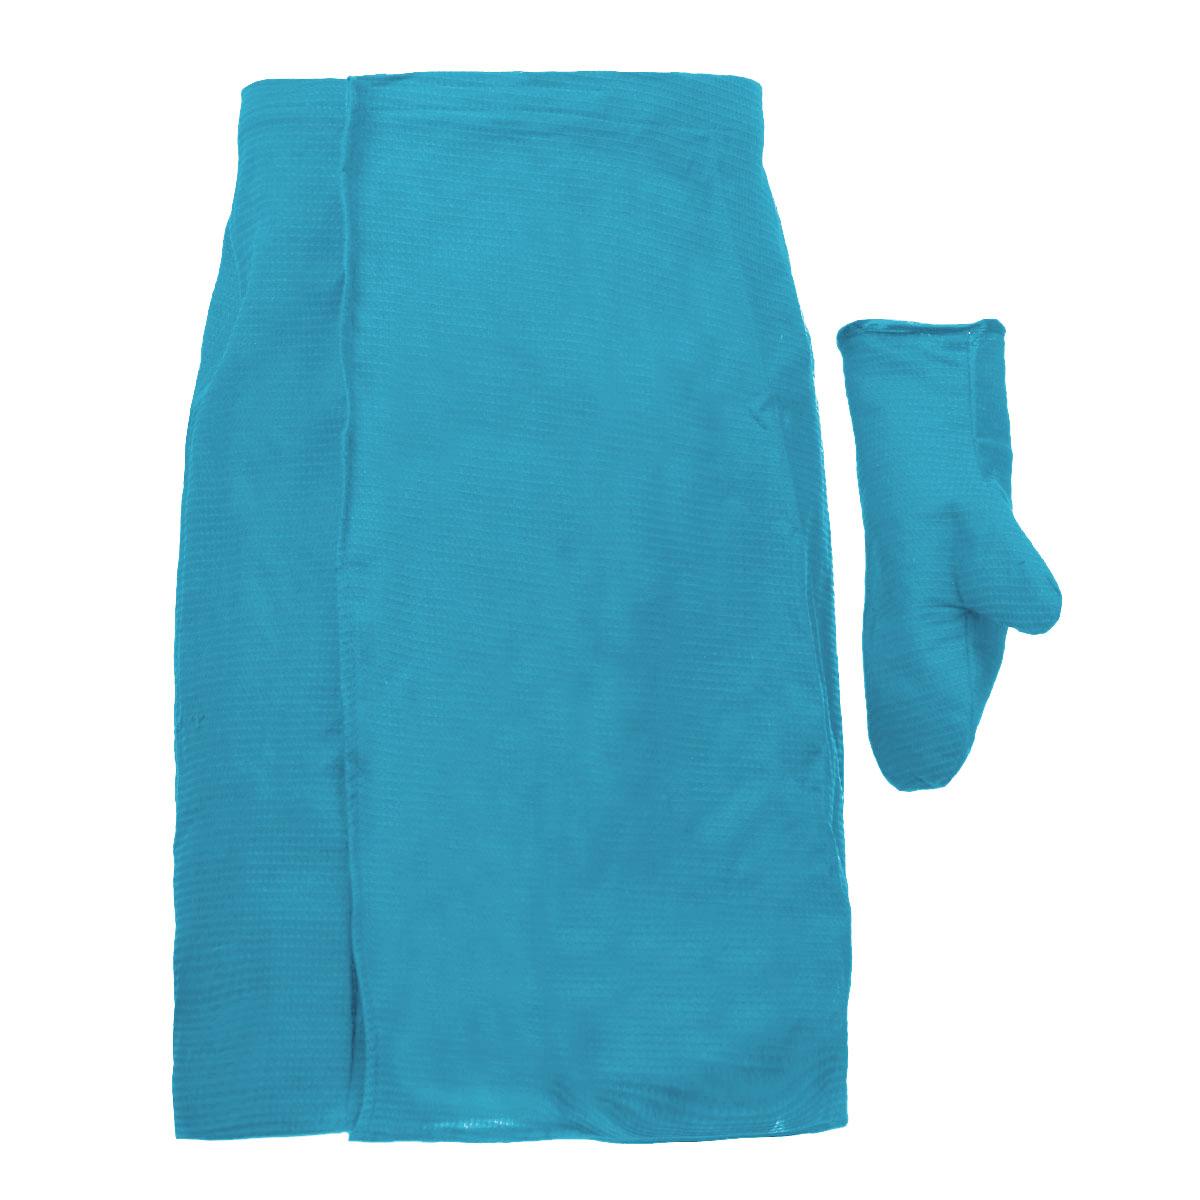 Комплект для бани и сауны Банные штучки, мужской, цвет: голубой, 2 предмета. 3206432064_голубойКомплект для сауны и бани Банные штучки изготовлен из натурального, хорошо впитывающего влагу хлопка. Комплект состоит из однотонной вафельной накидки и рукавицы. Накидка специального кроя снабжена резинкой и застежкой-липучкой. Имеет универсальный размер. В парилке можно лежать на ней, после душа вытираться. Рукавица защитит ваши руки от ожогов, может использоваться для массажа тела. Комплект создан для активных и уверенных в себе людей. Отдых в сауне или бане - это полезный и в последнее время популярный способ времяпровождения. Комплект Банные штучки обеспечит вам комфорт и удобство. Размер накидки: 60 см х 145 см. Размер рукавицы: 27 см х 18,5 см.